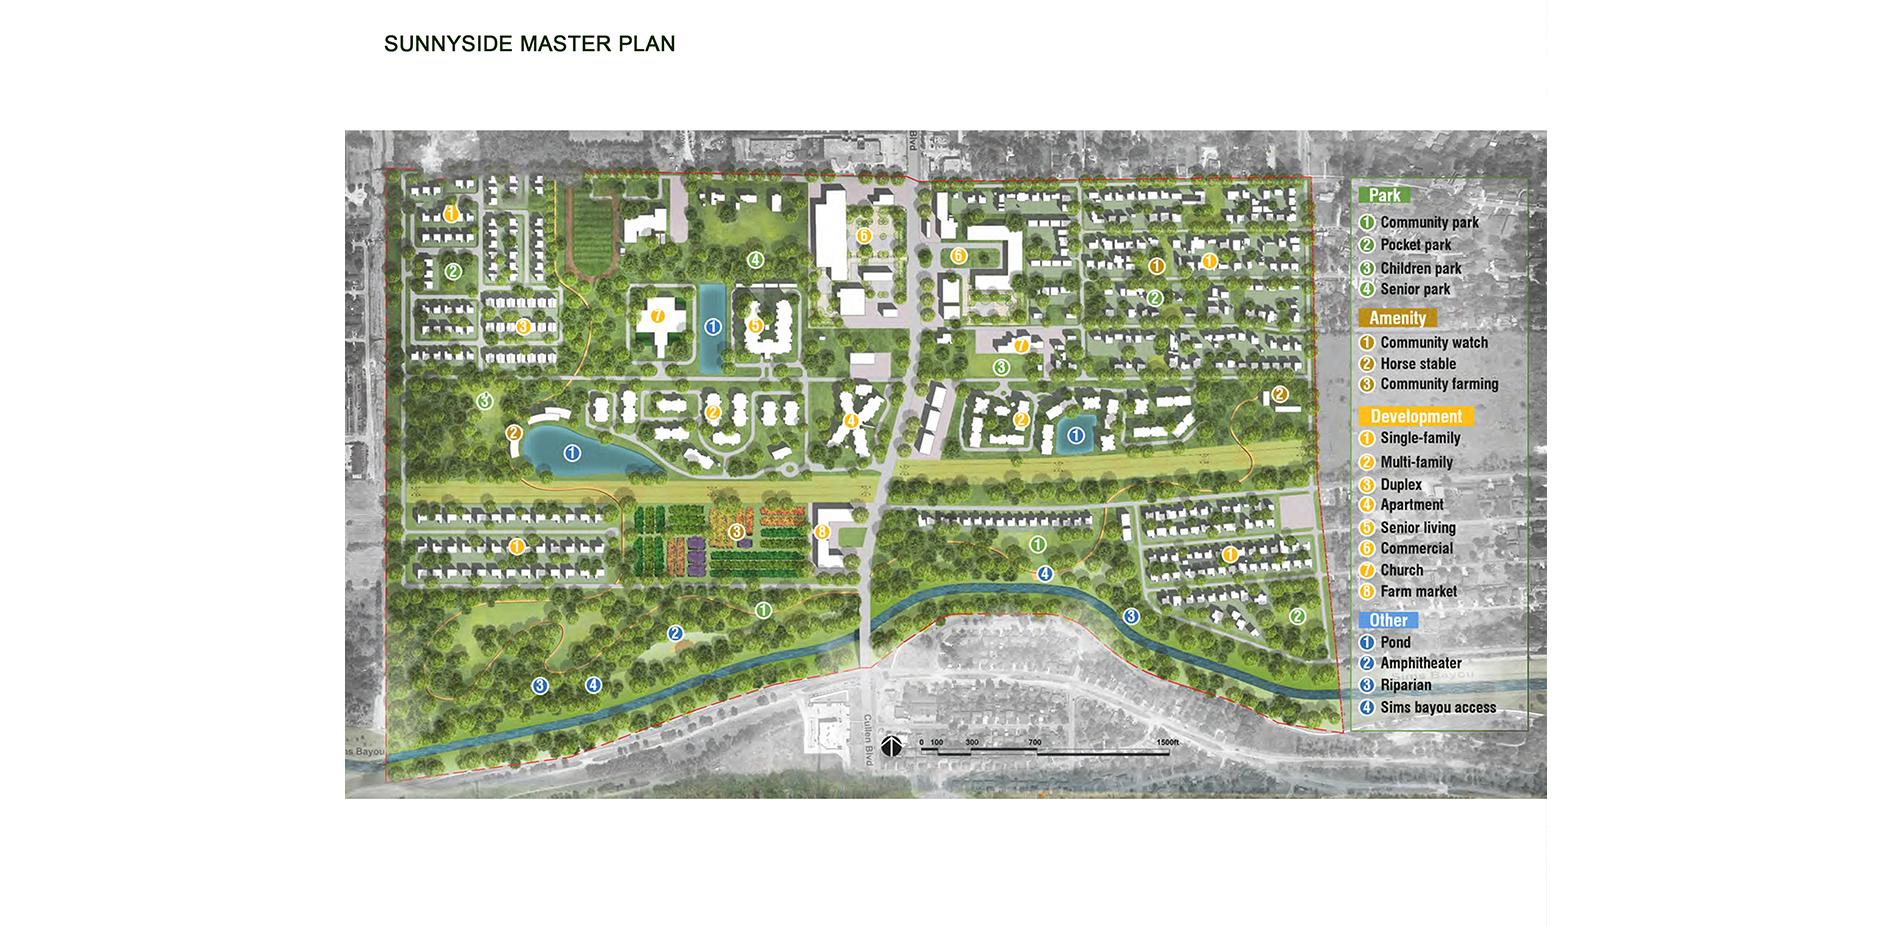 Master plan of Sunnyside